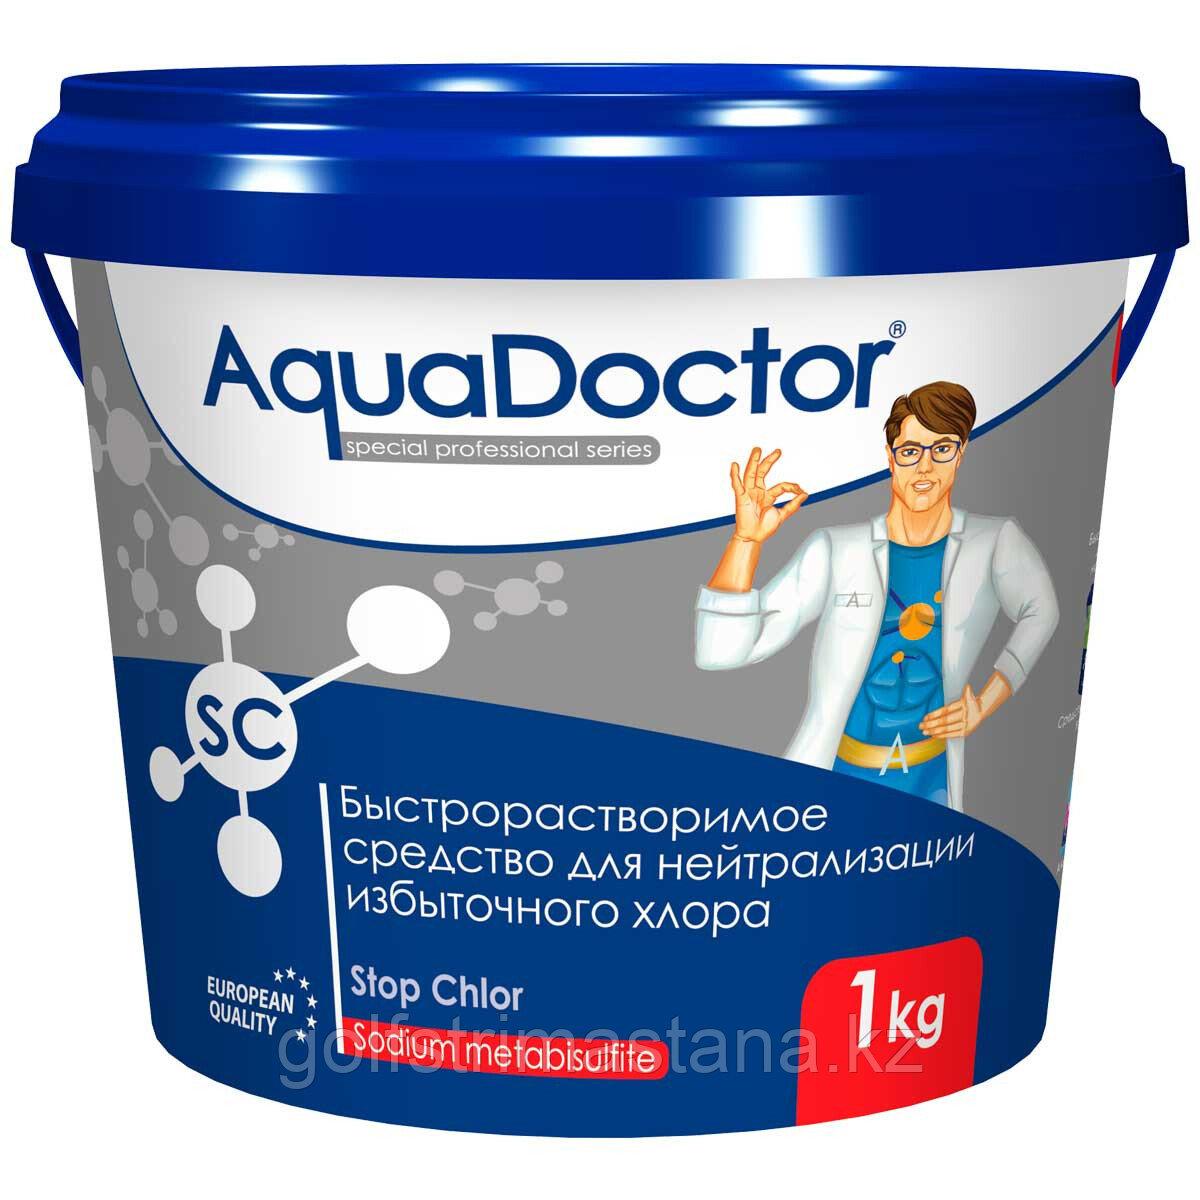 Средство для нейтрализации избыточного хлора AquaDoctor SC Stop Chlor, 1 кг